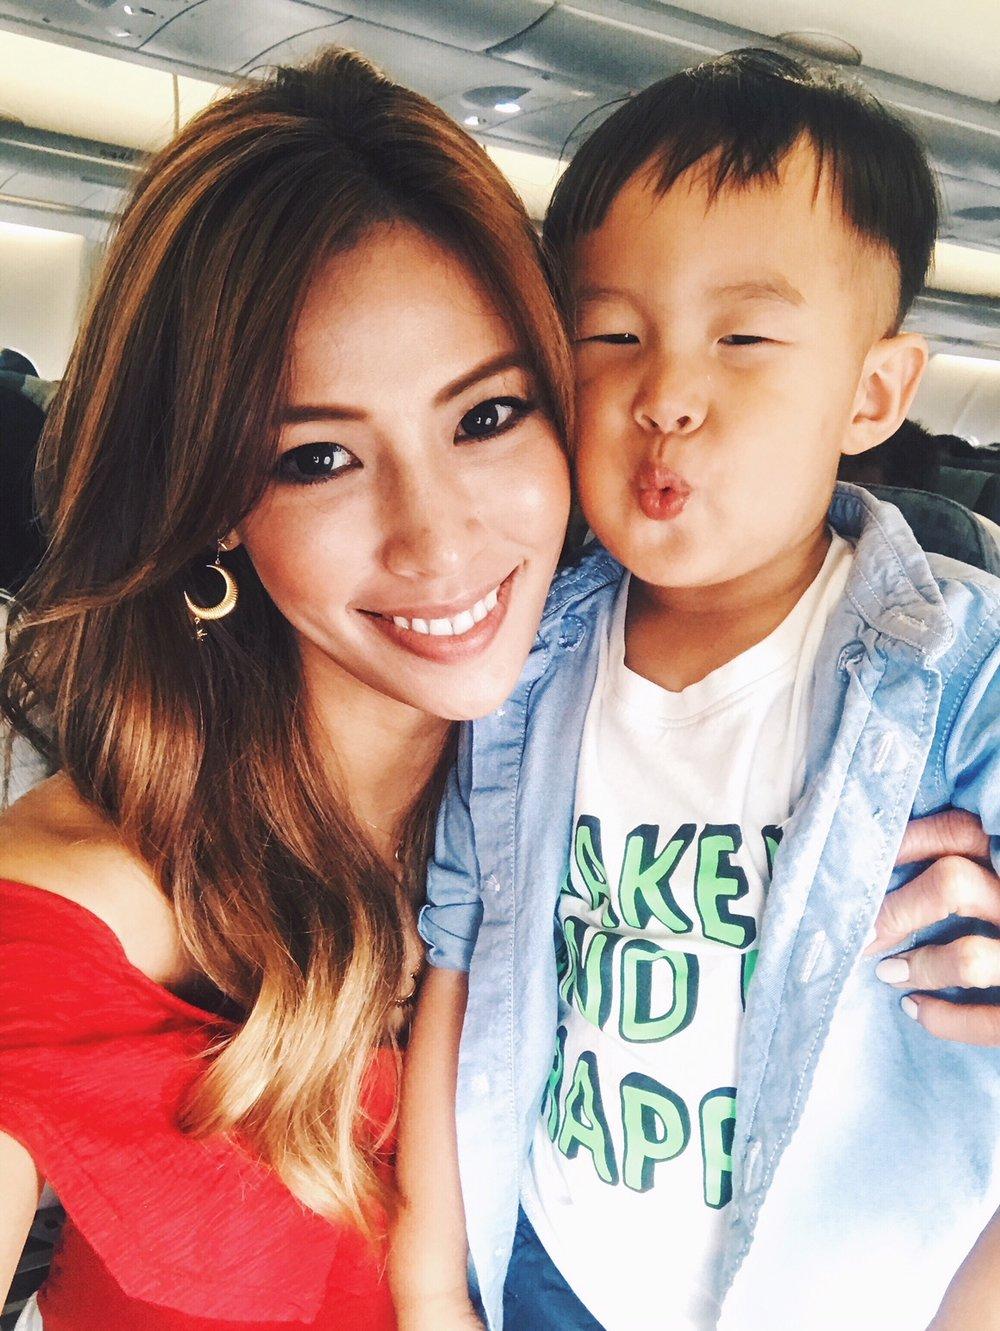 Grace and her son Oscar.